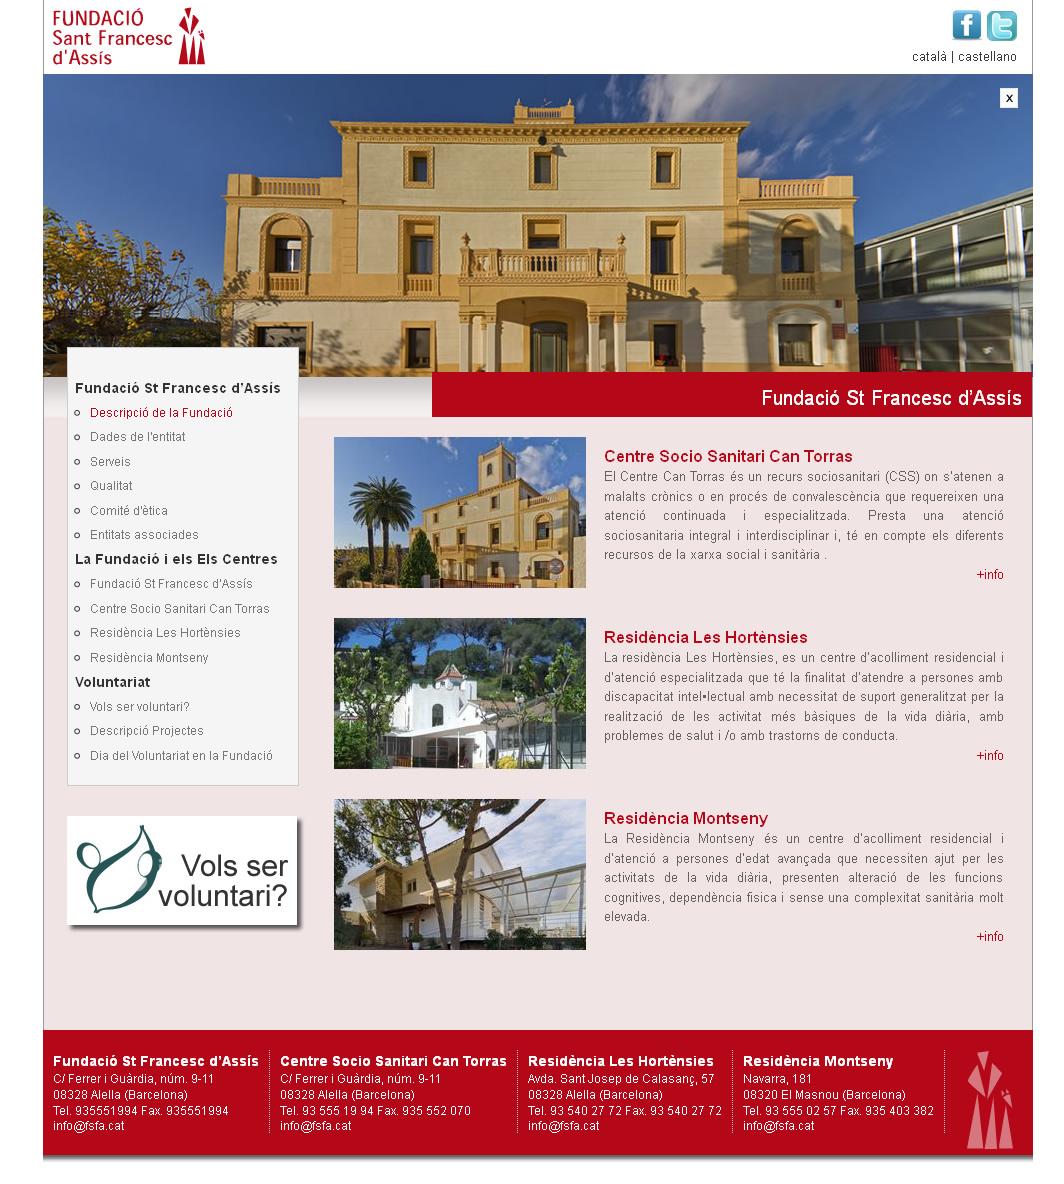 Fundació Sant Francesc d'Assis